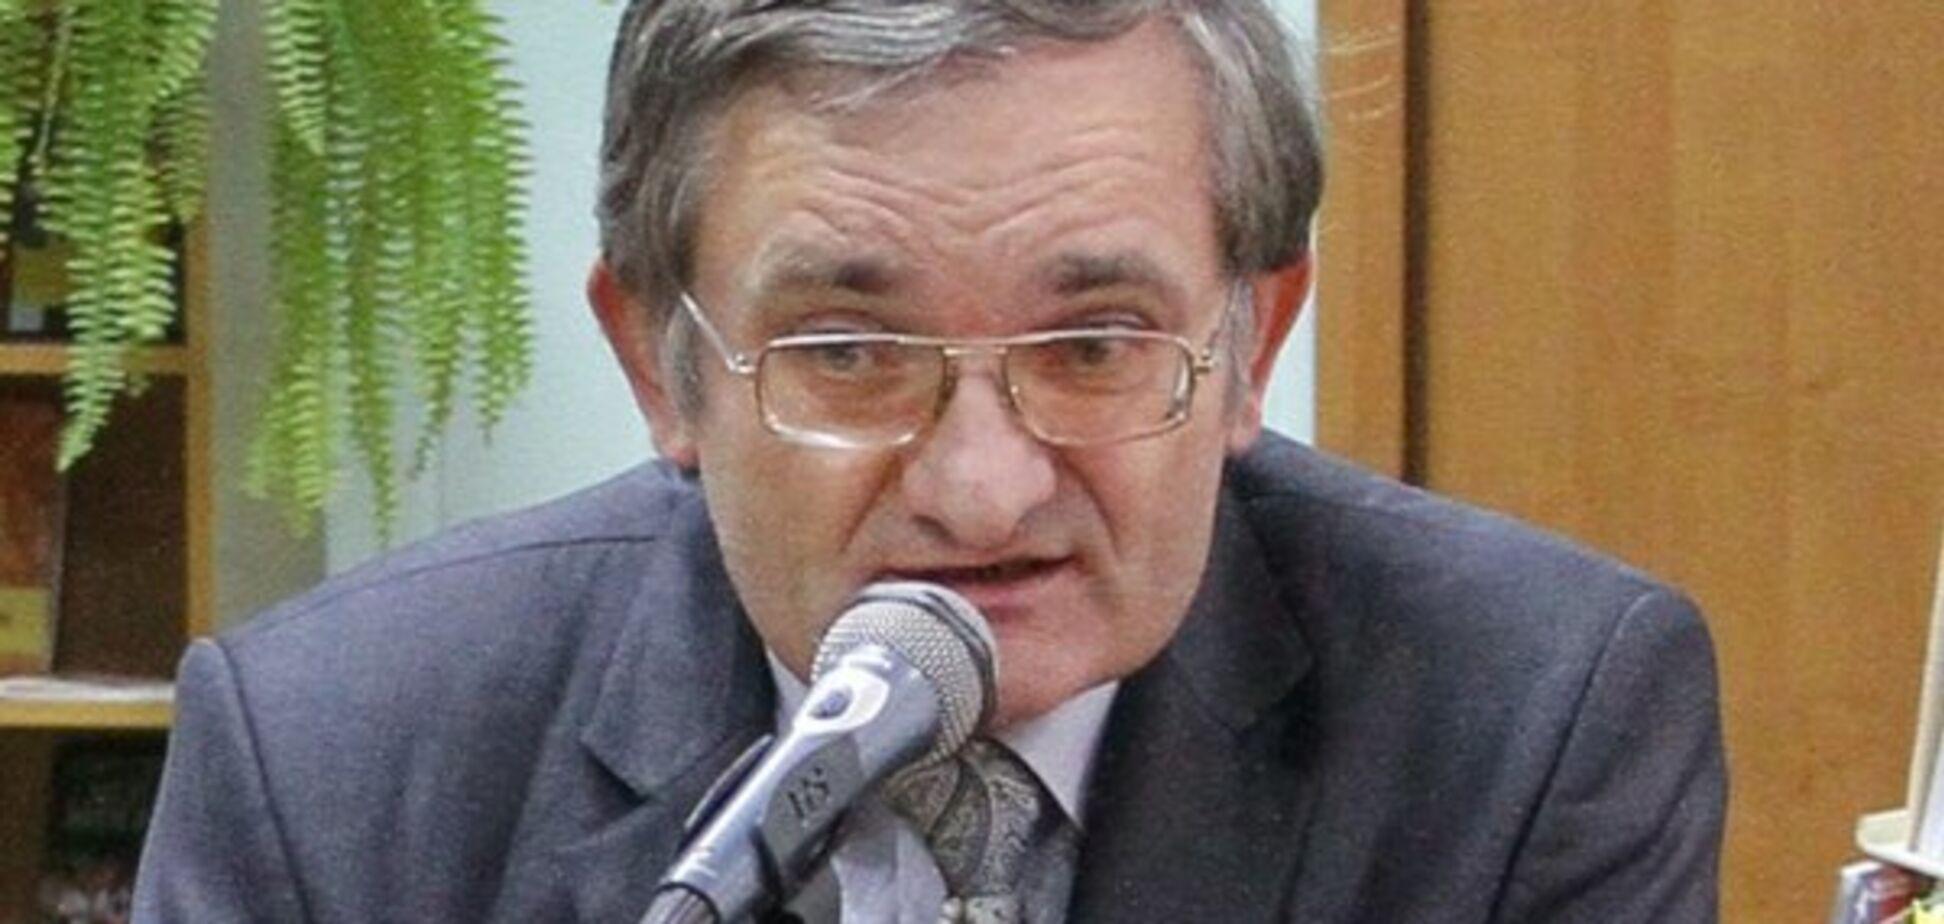 Убийство ученого Шитюка: суд вынес решение по подозреваемому родственнику